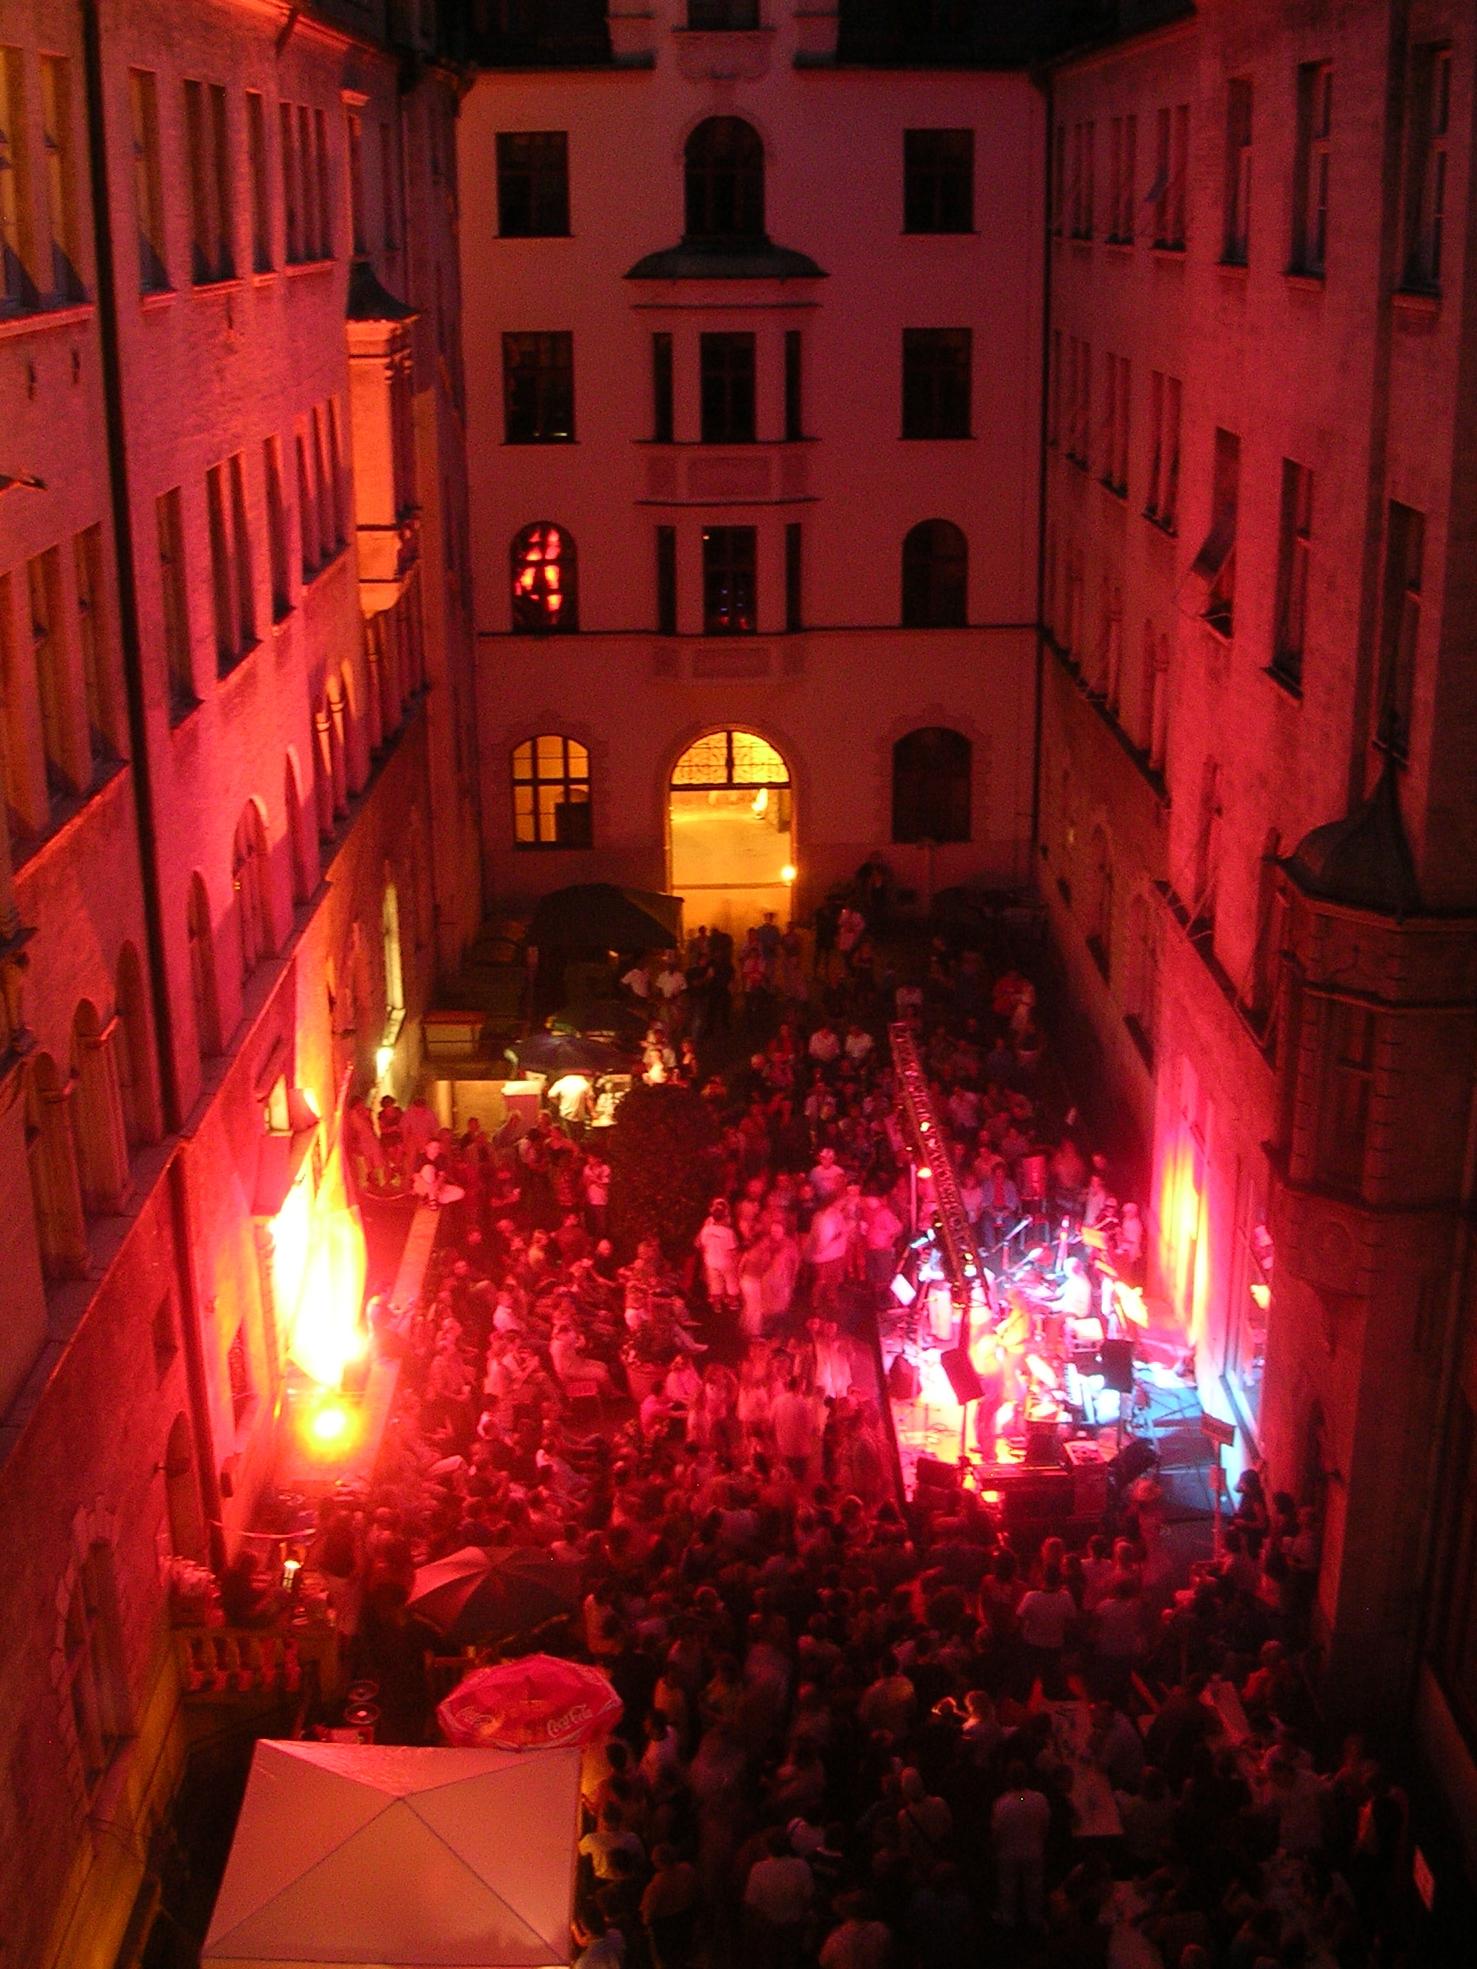 Konzerte im Bürgerhof 2006 - Freiwilligen-Zentrum Augsburg - Foto: Robert Hösle